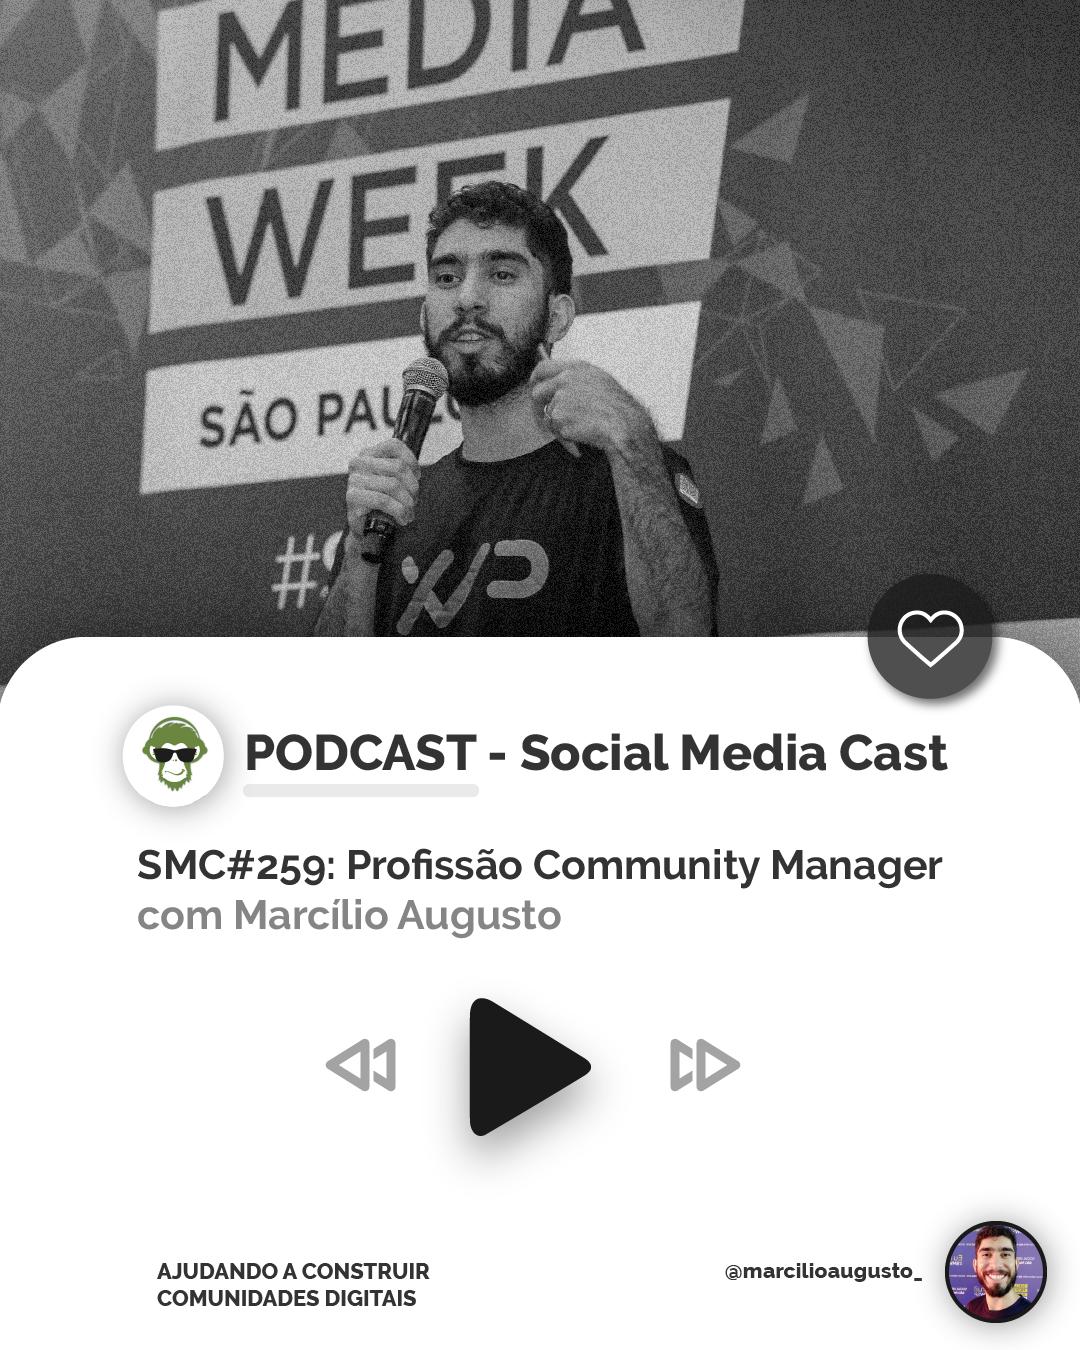 Social Media Cast, o podcast para conversa sobre a profissão community manager